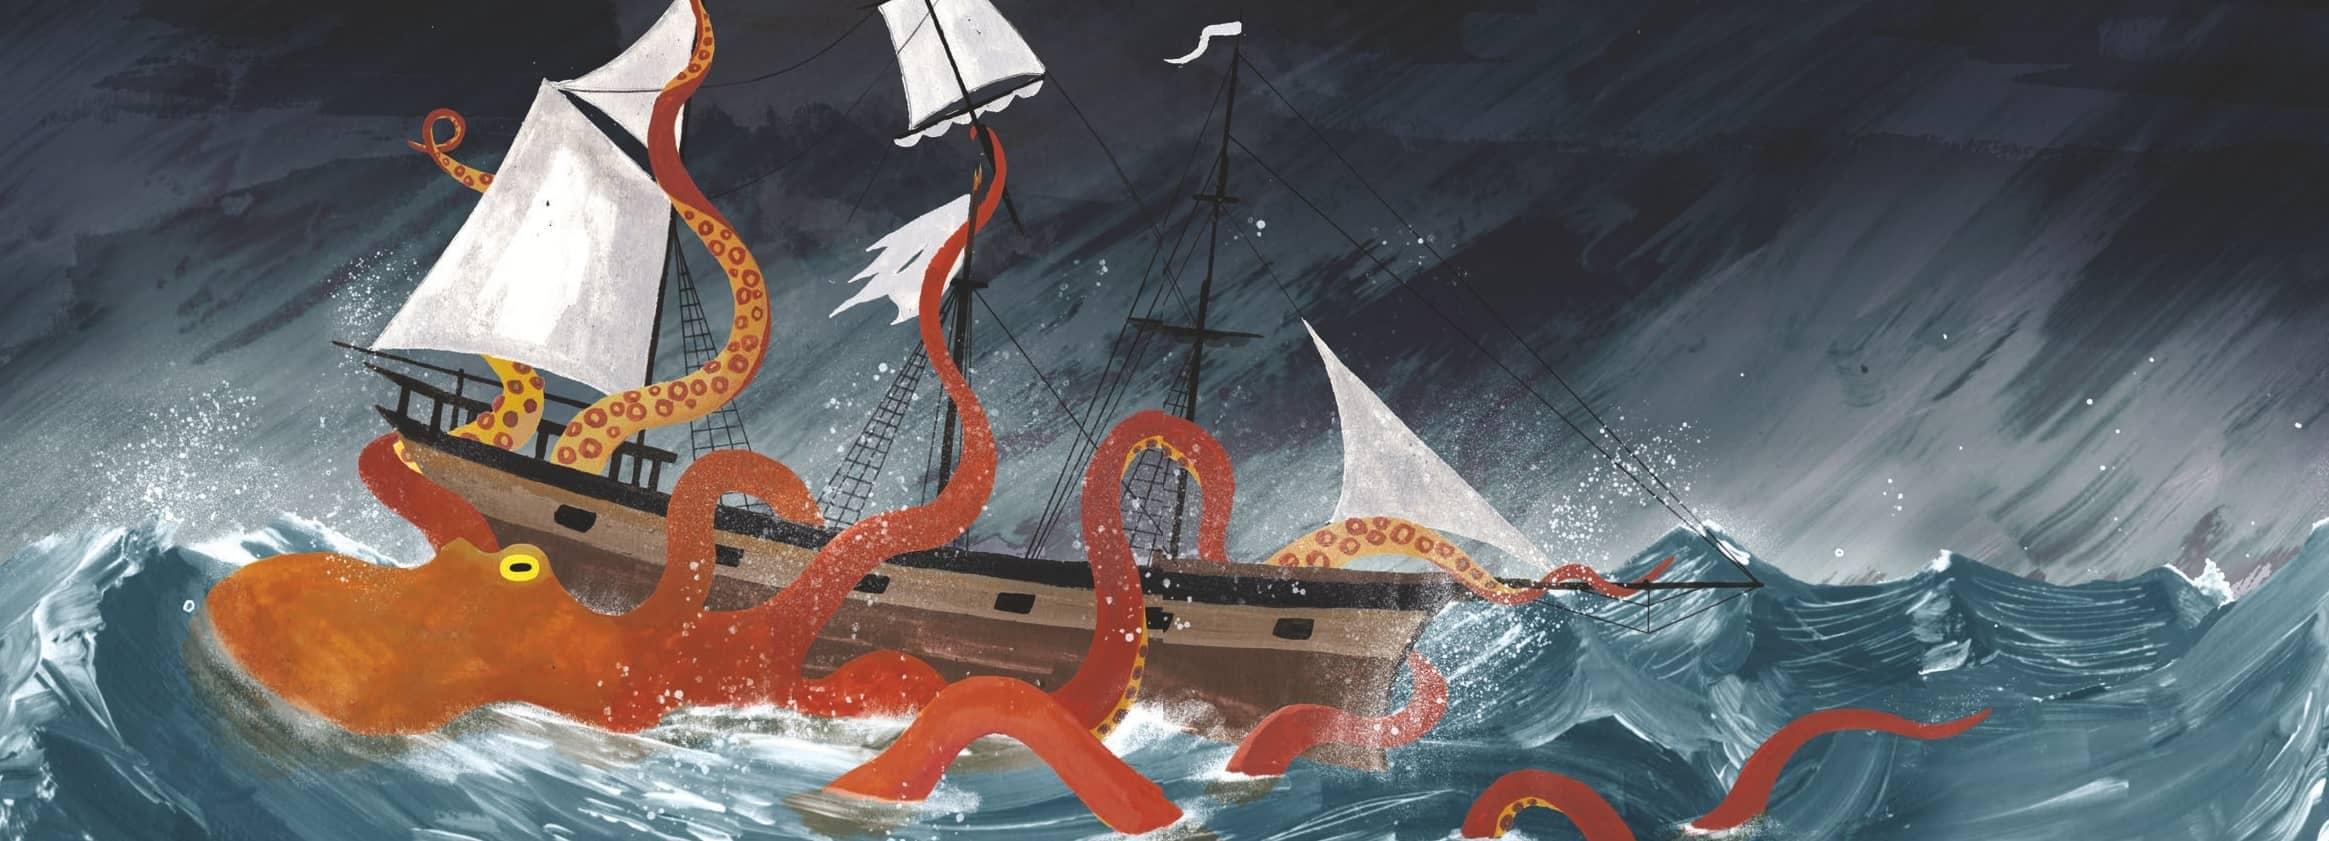 The Kraken's True Form